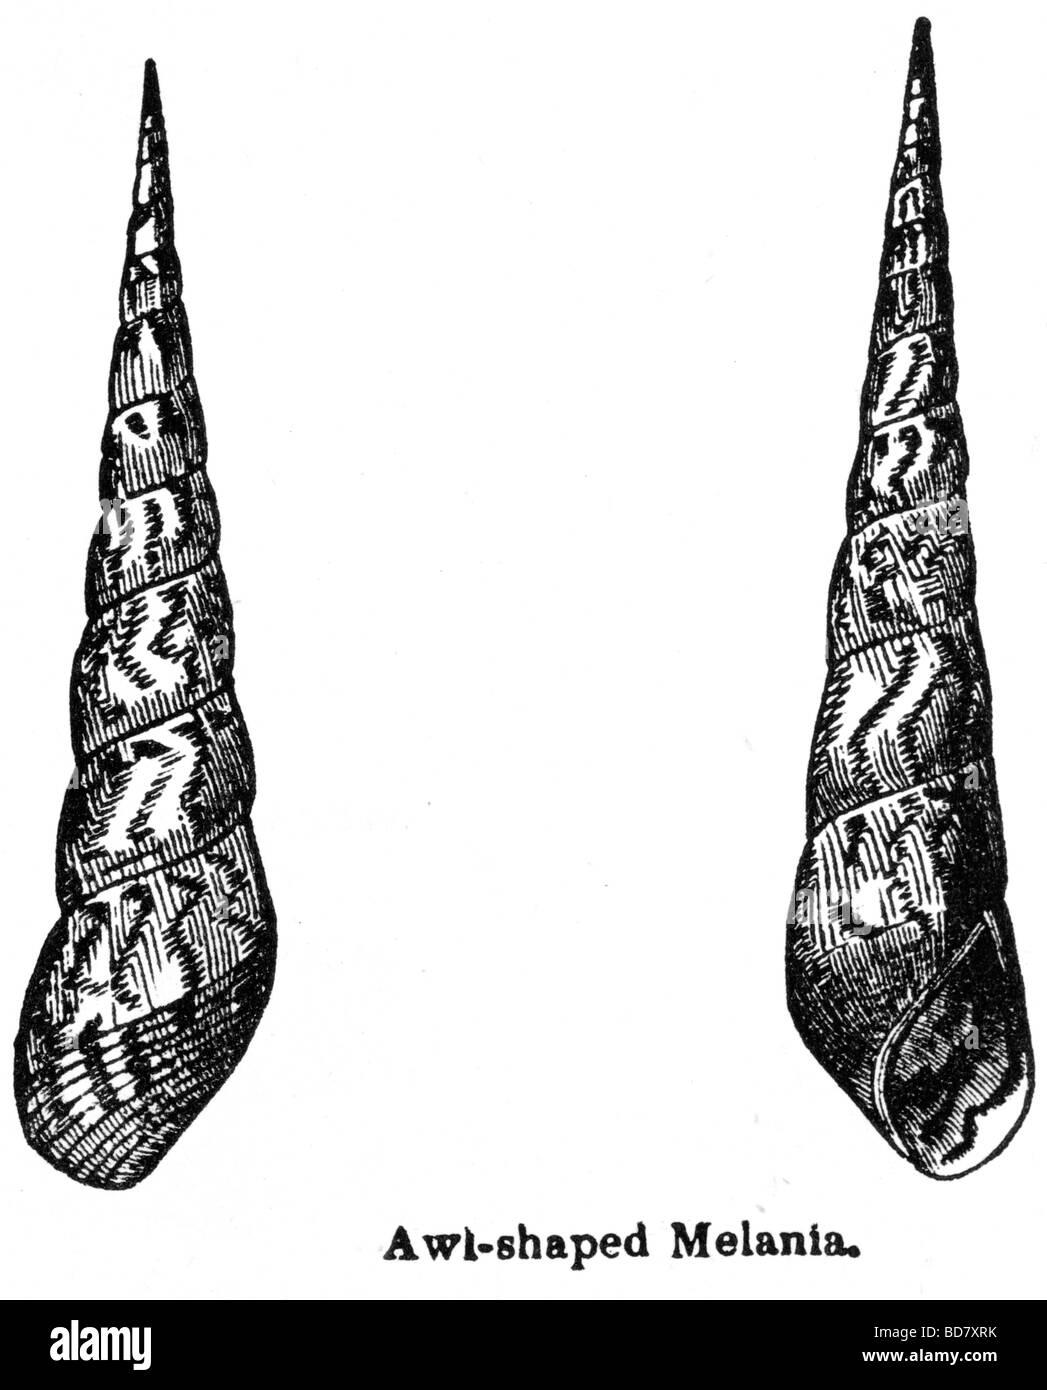 awl shaped melania - Stock Image